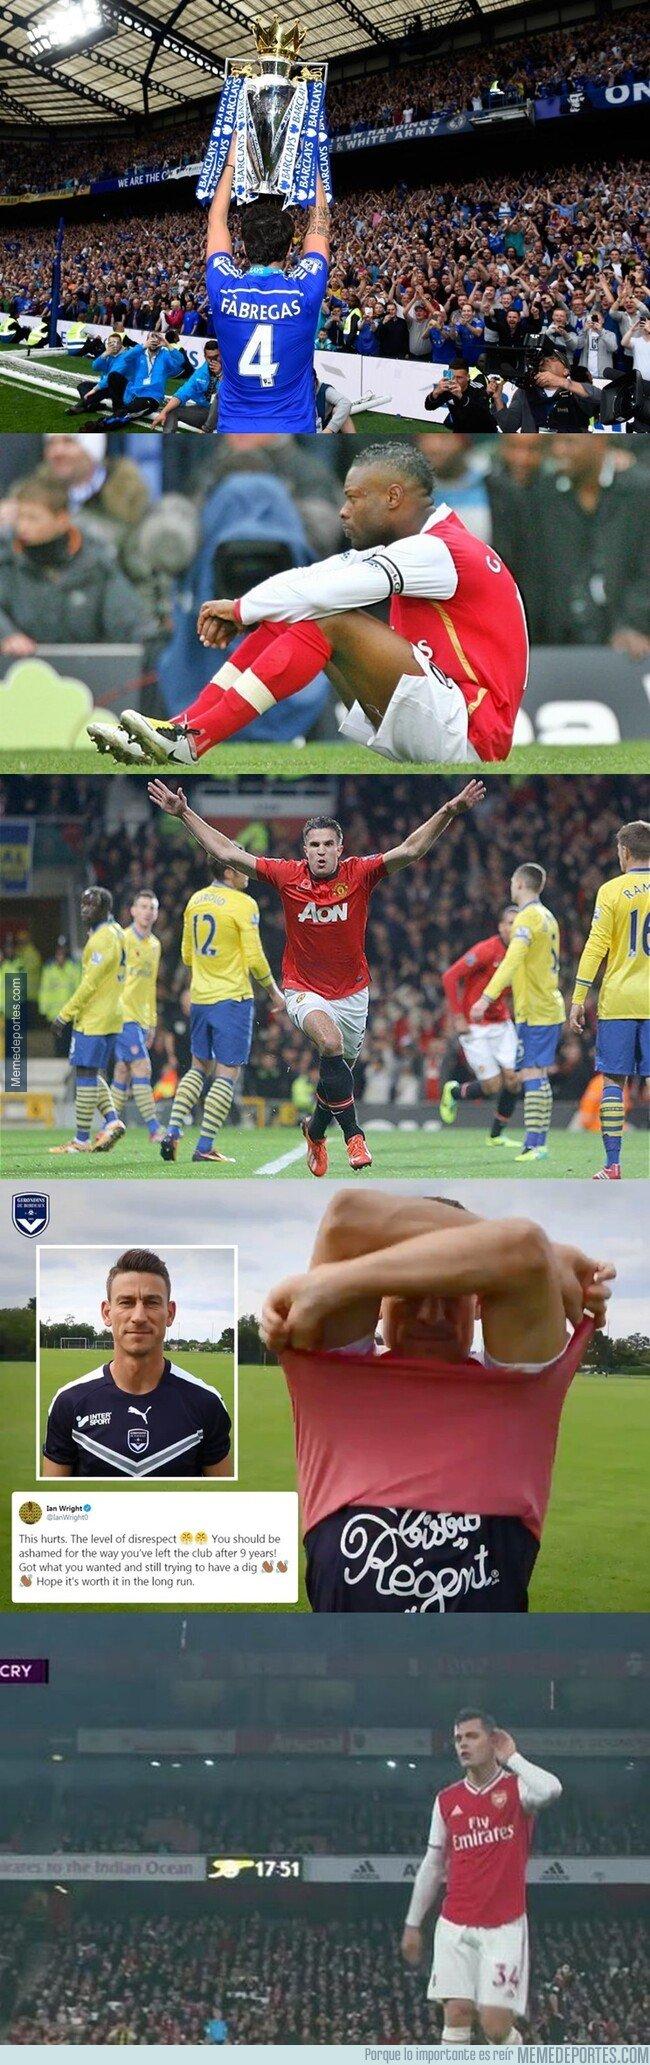 1089577 - Un repaso por los últimos capitanes del Arsenal